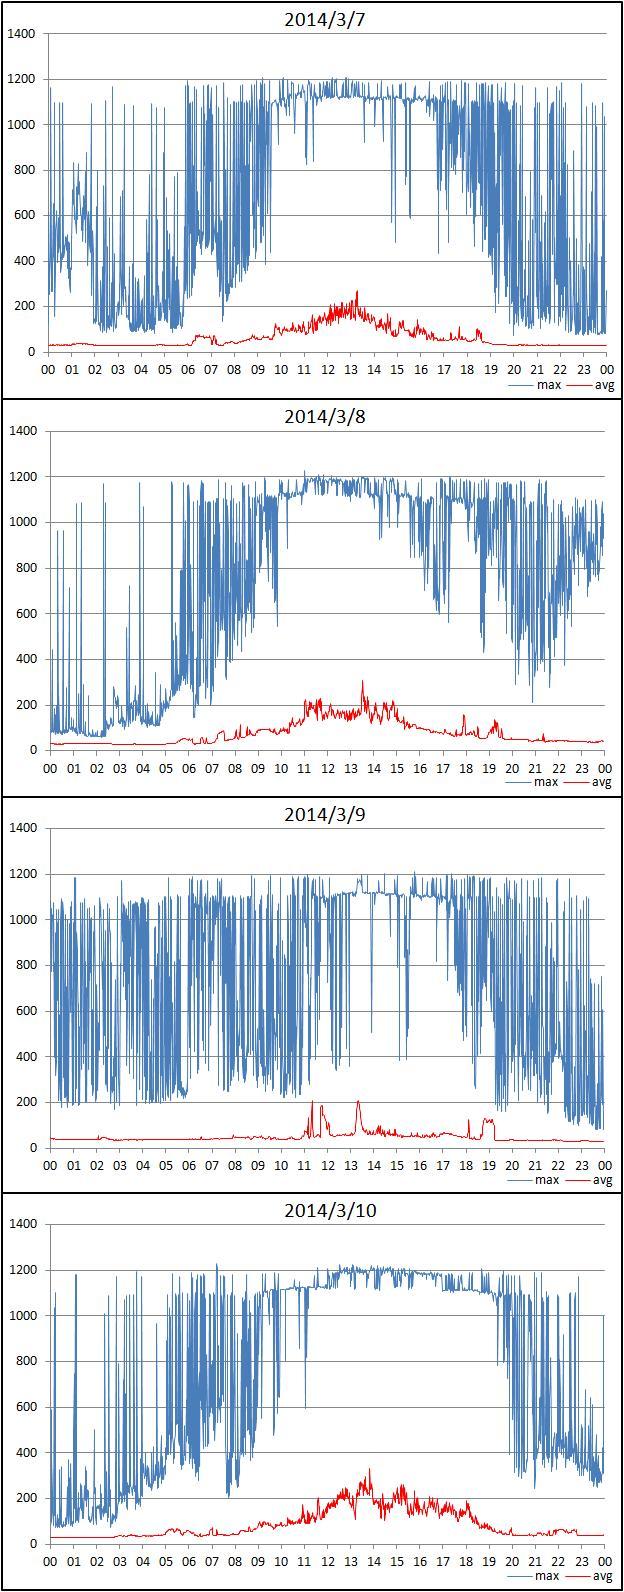 震度の予測433n22n8m3k